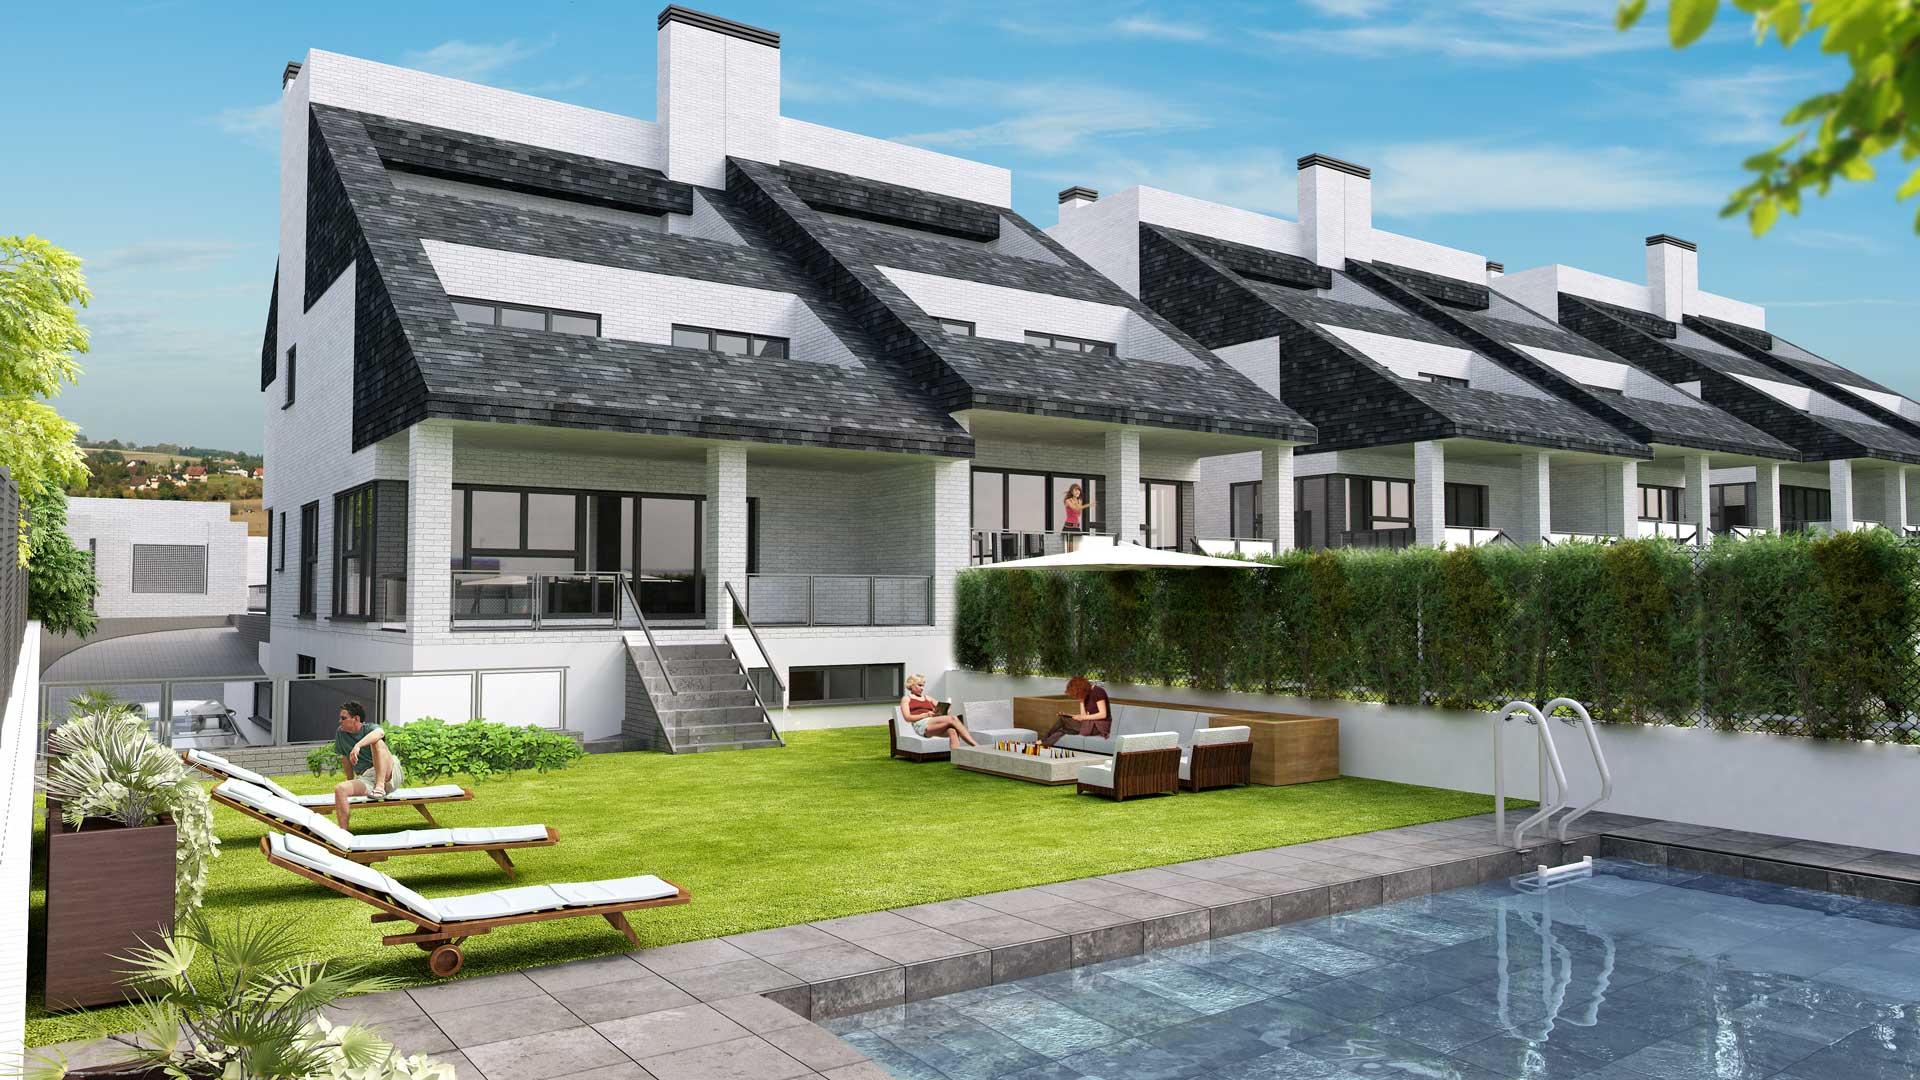 Venta y alquiler de viviendas en rivas vaciamadrid for Alquiler de oficinas en alicante